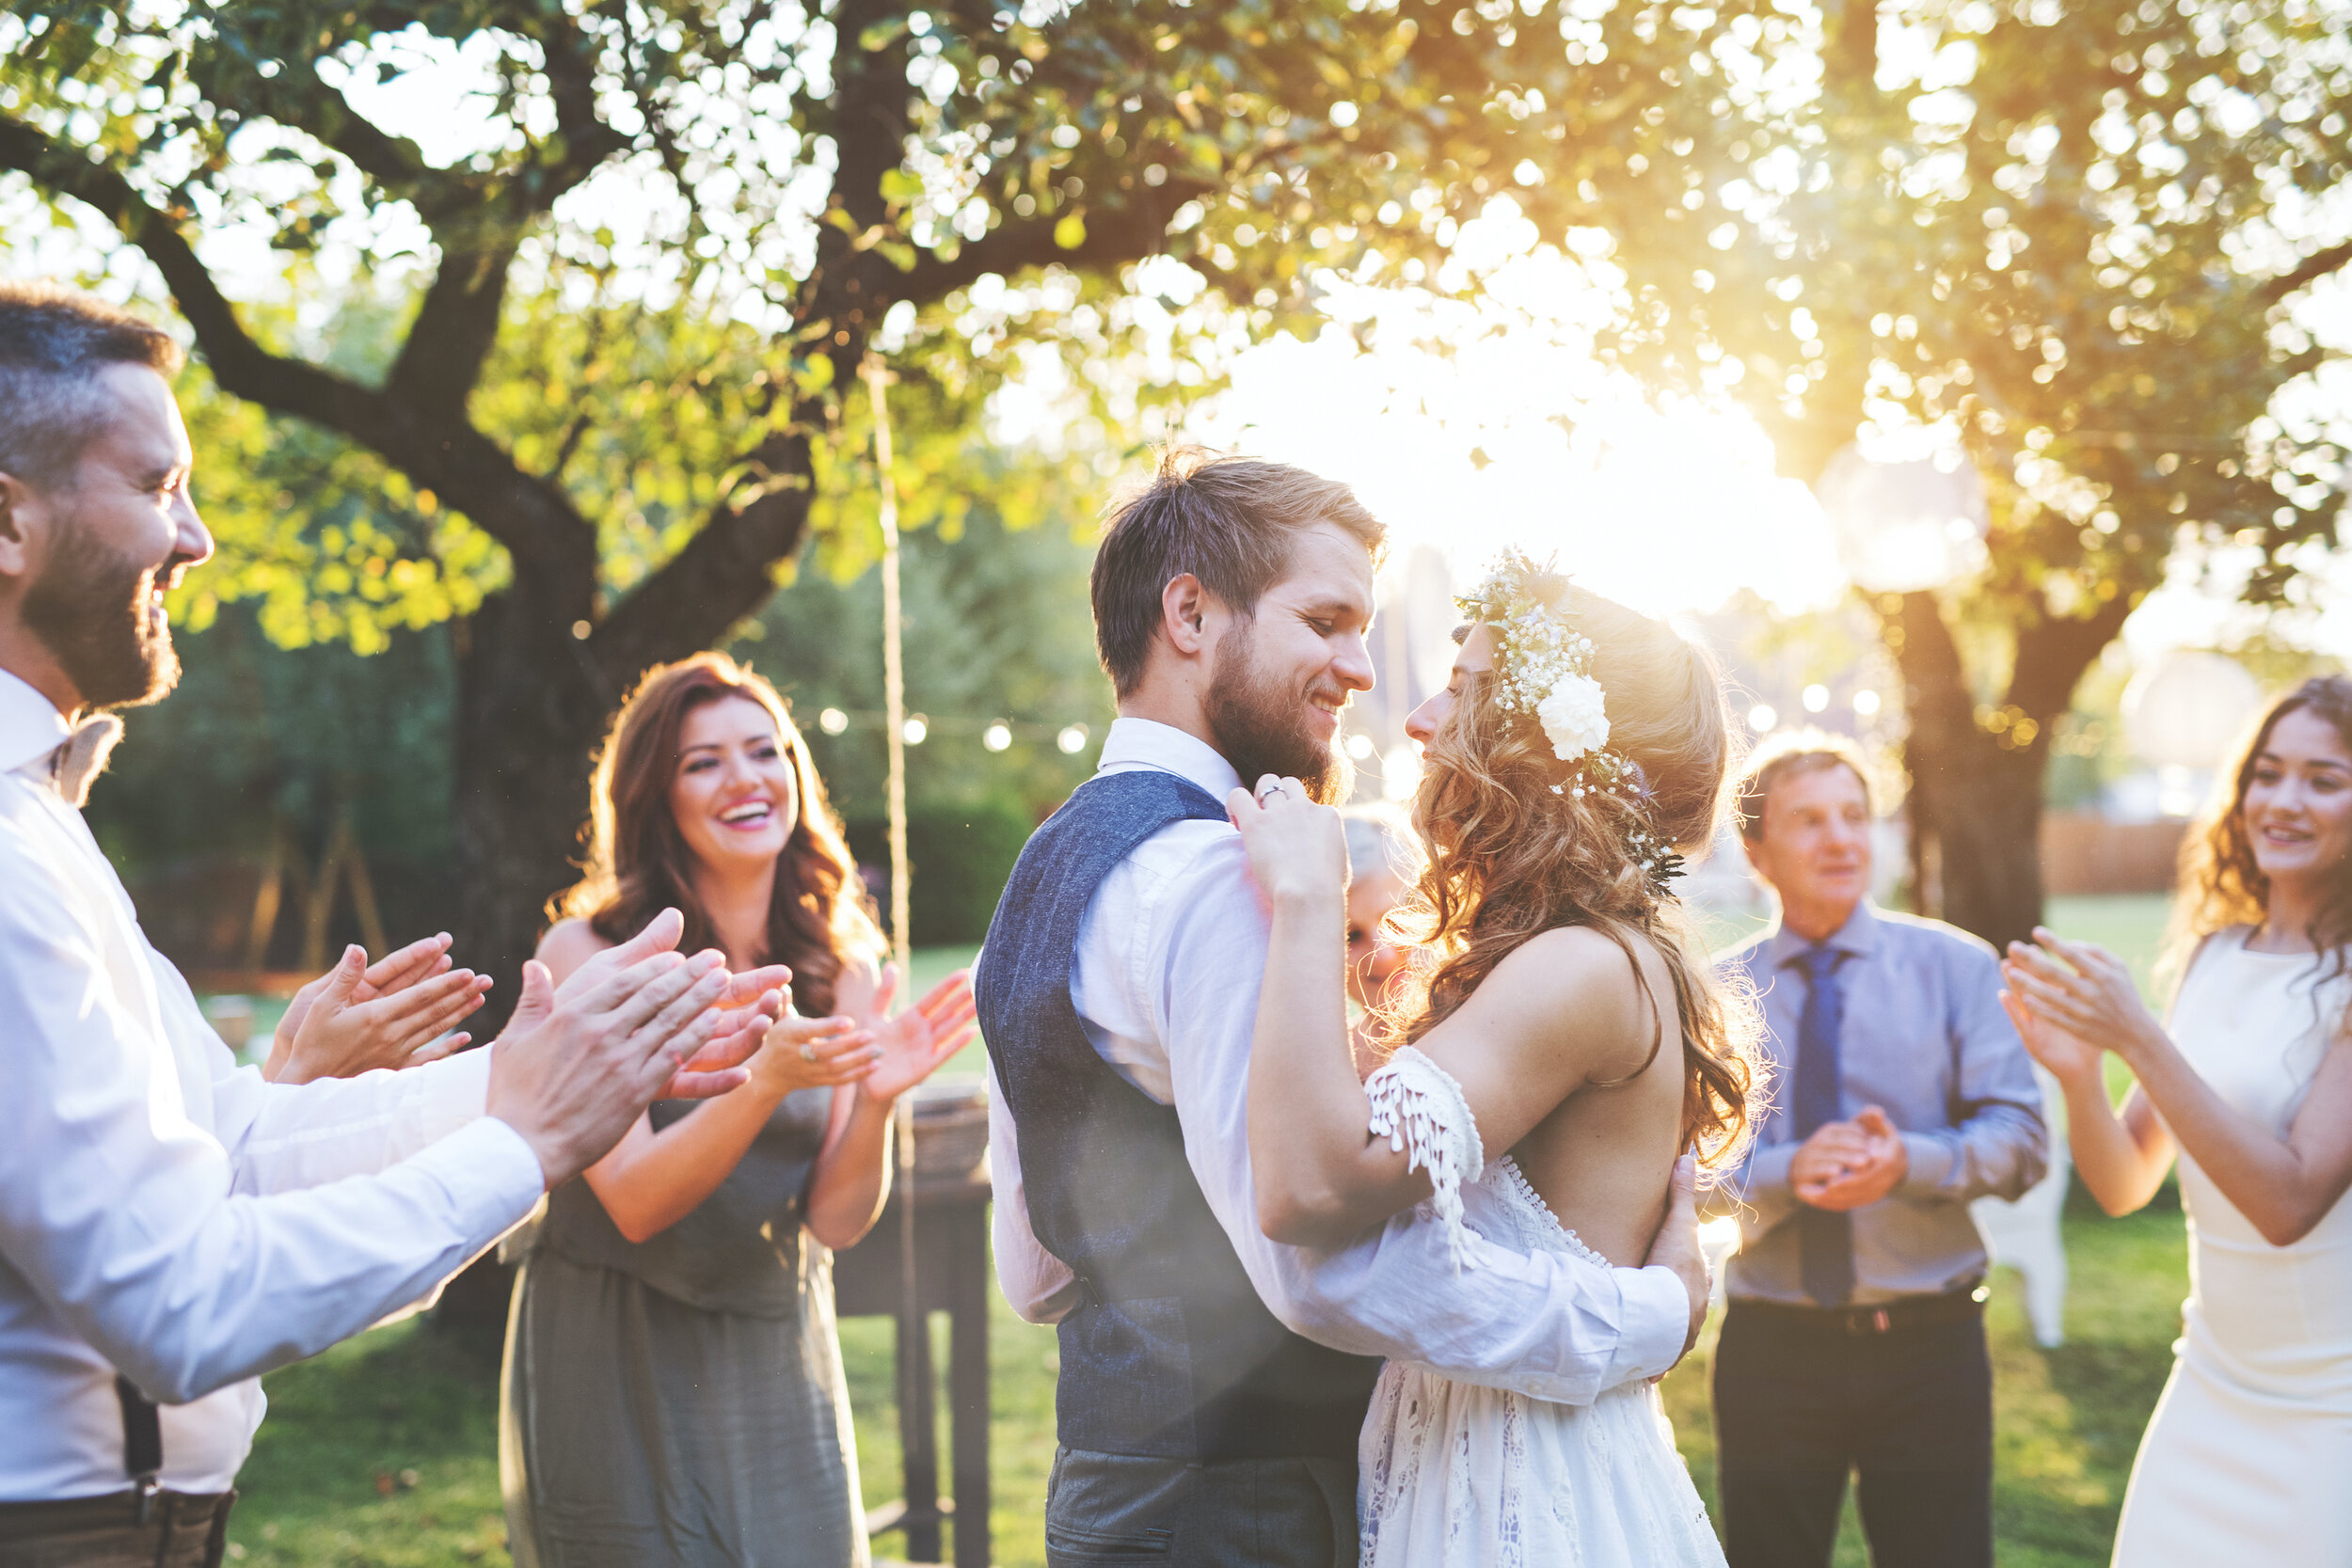 bride and groom dancing at wedding.jpg